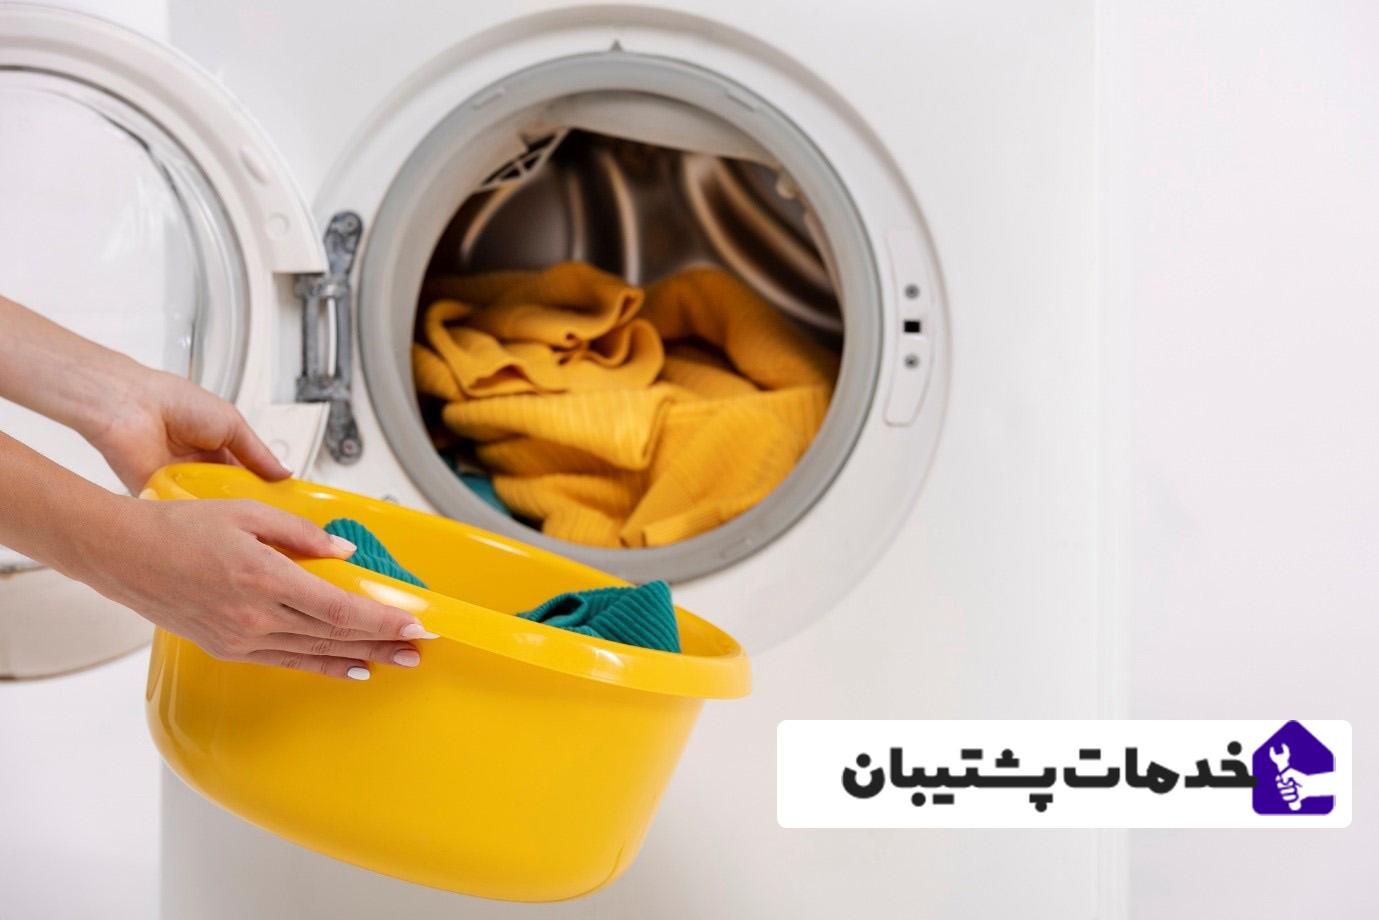 بایدها و نبایدها در شستشوی لباس در خانه